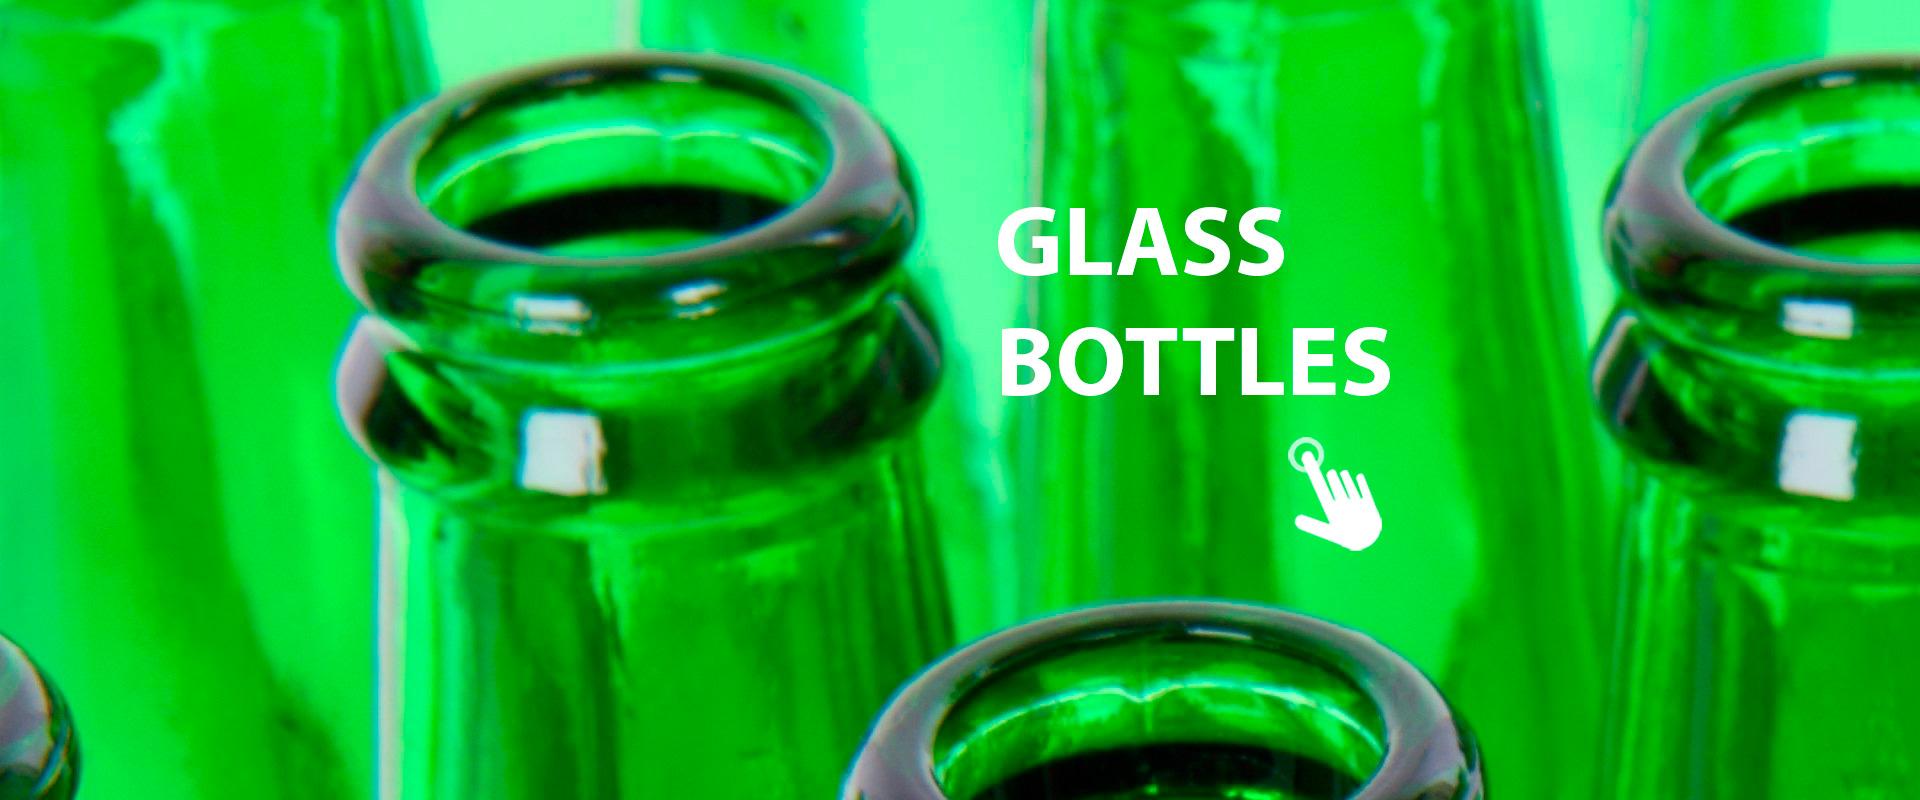 Inspection of glass bottles